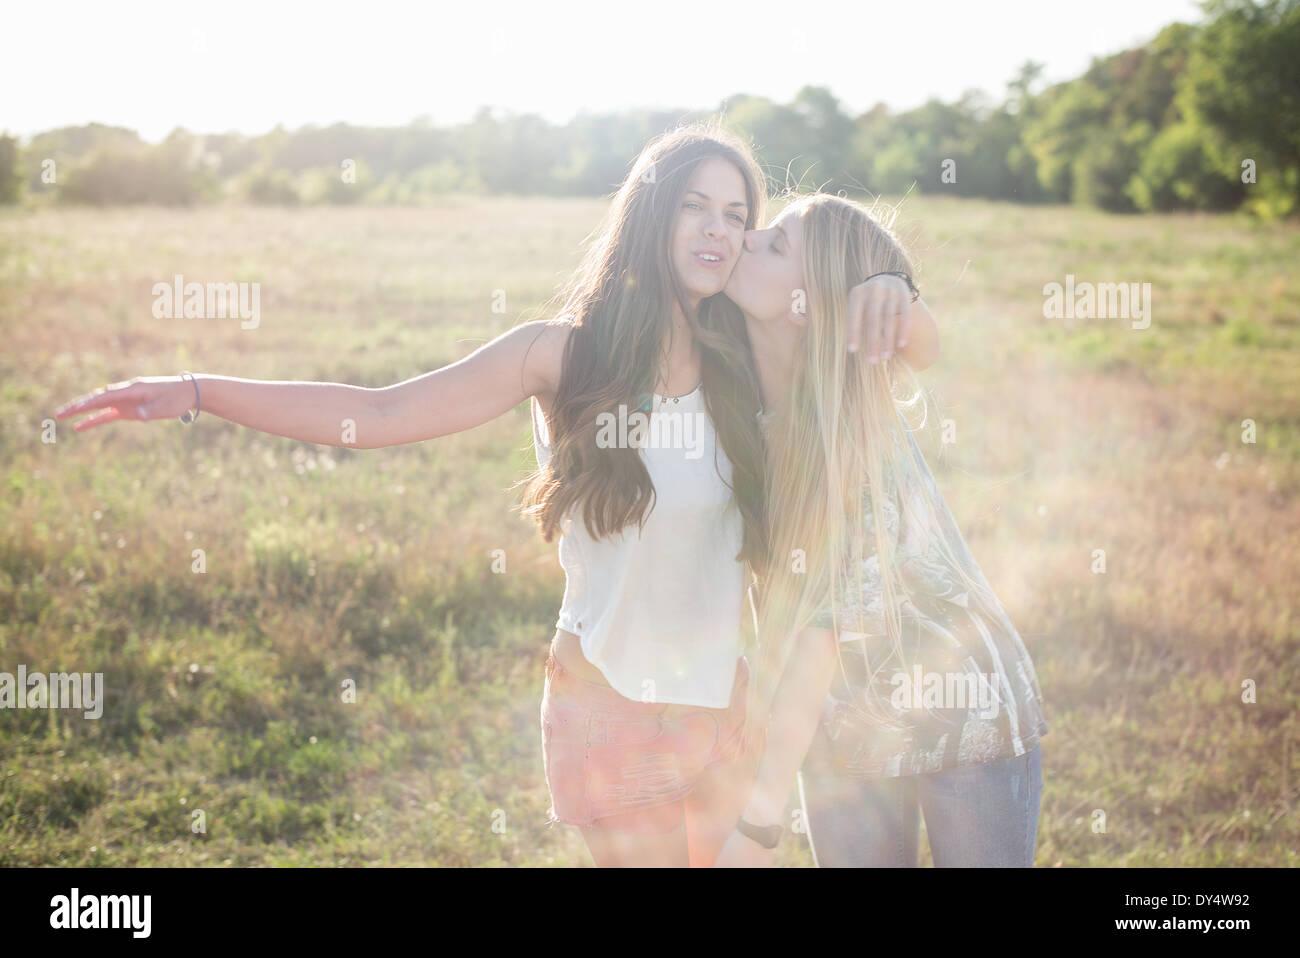 Zwei junge Frauen mit langen Haaren im Bereich Stockbild